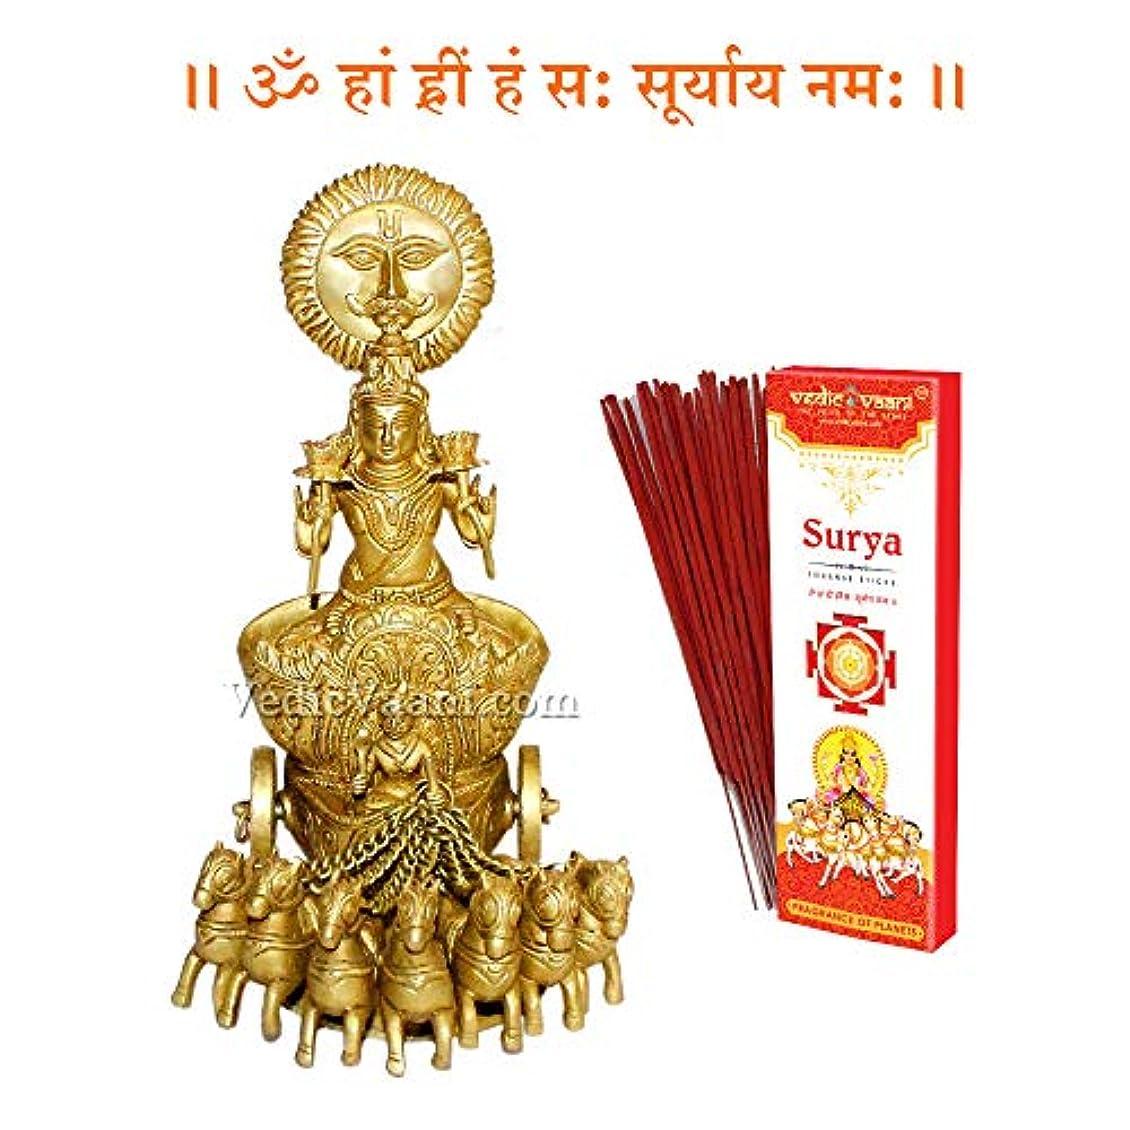 ますます邪悪な半島Vedic Vaani Surya Dev Idol with Surya お香スティック